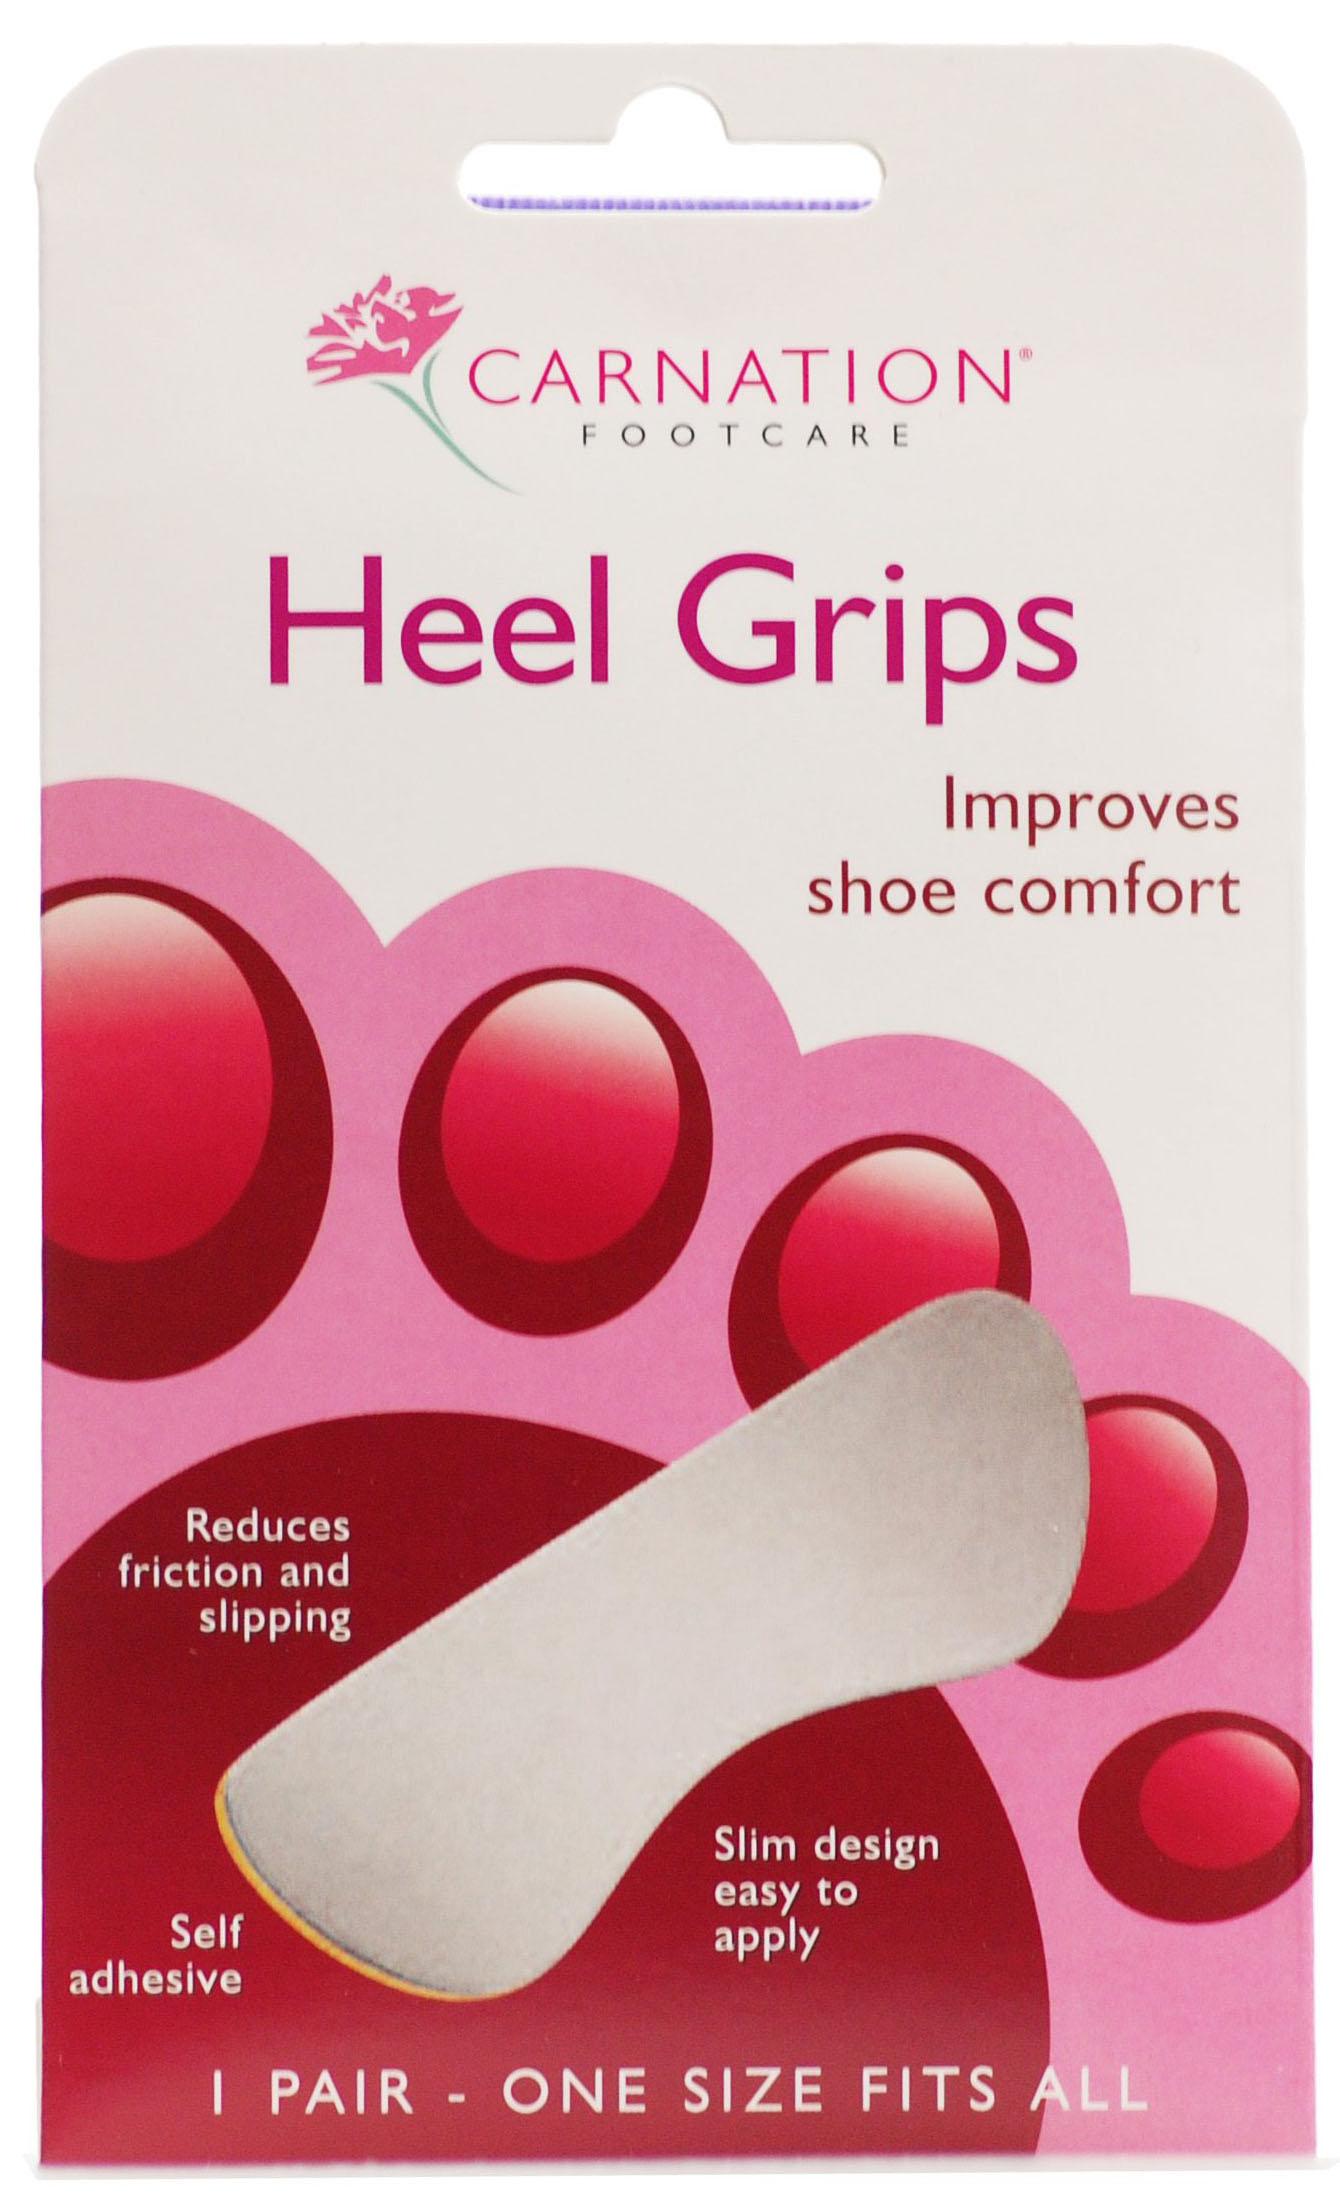 Vican Carnation Heel Grips Αυτοκόλλητα Προστατευτικά 1pair/2τμχ υγιεινή   πόδια   προστατευτικά   επιθέματα ποδιών